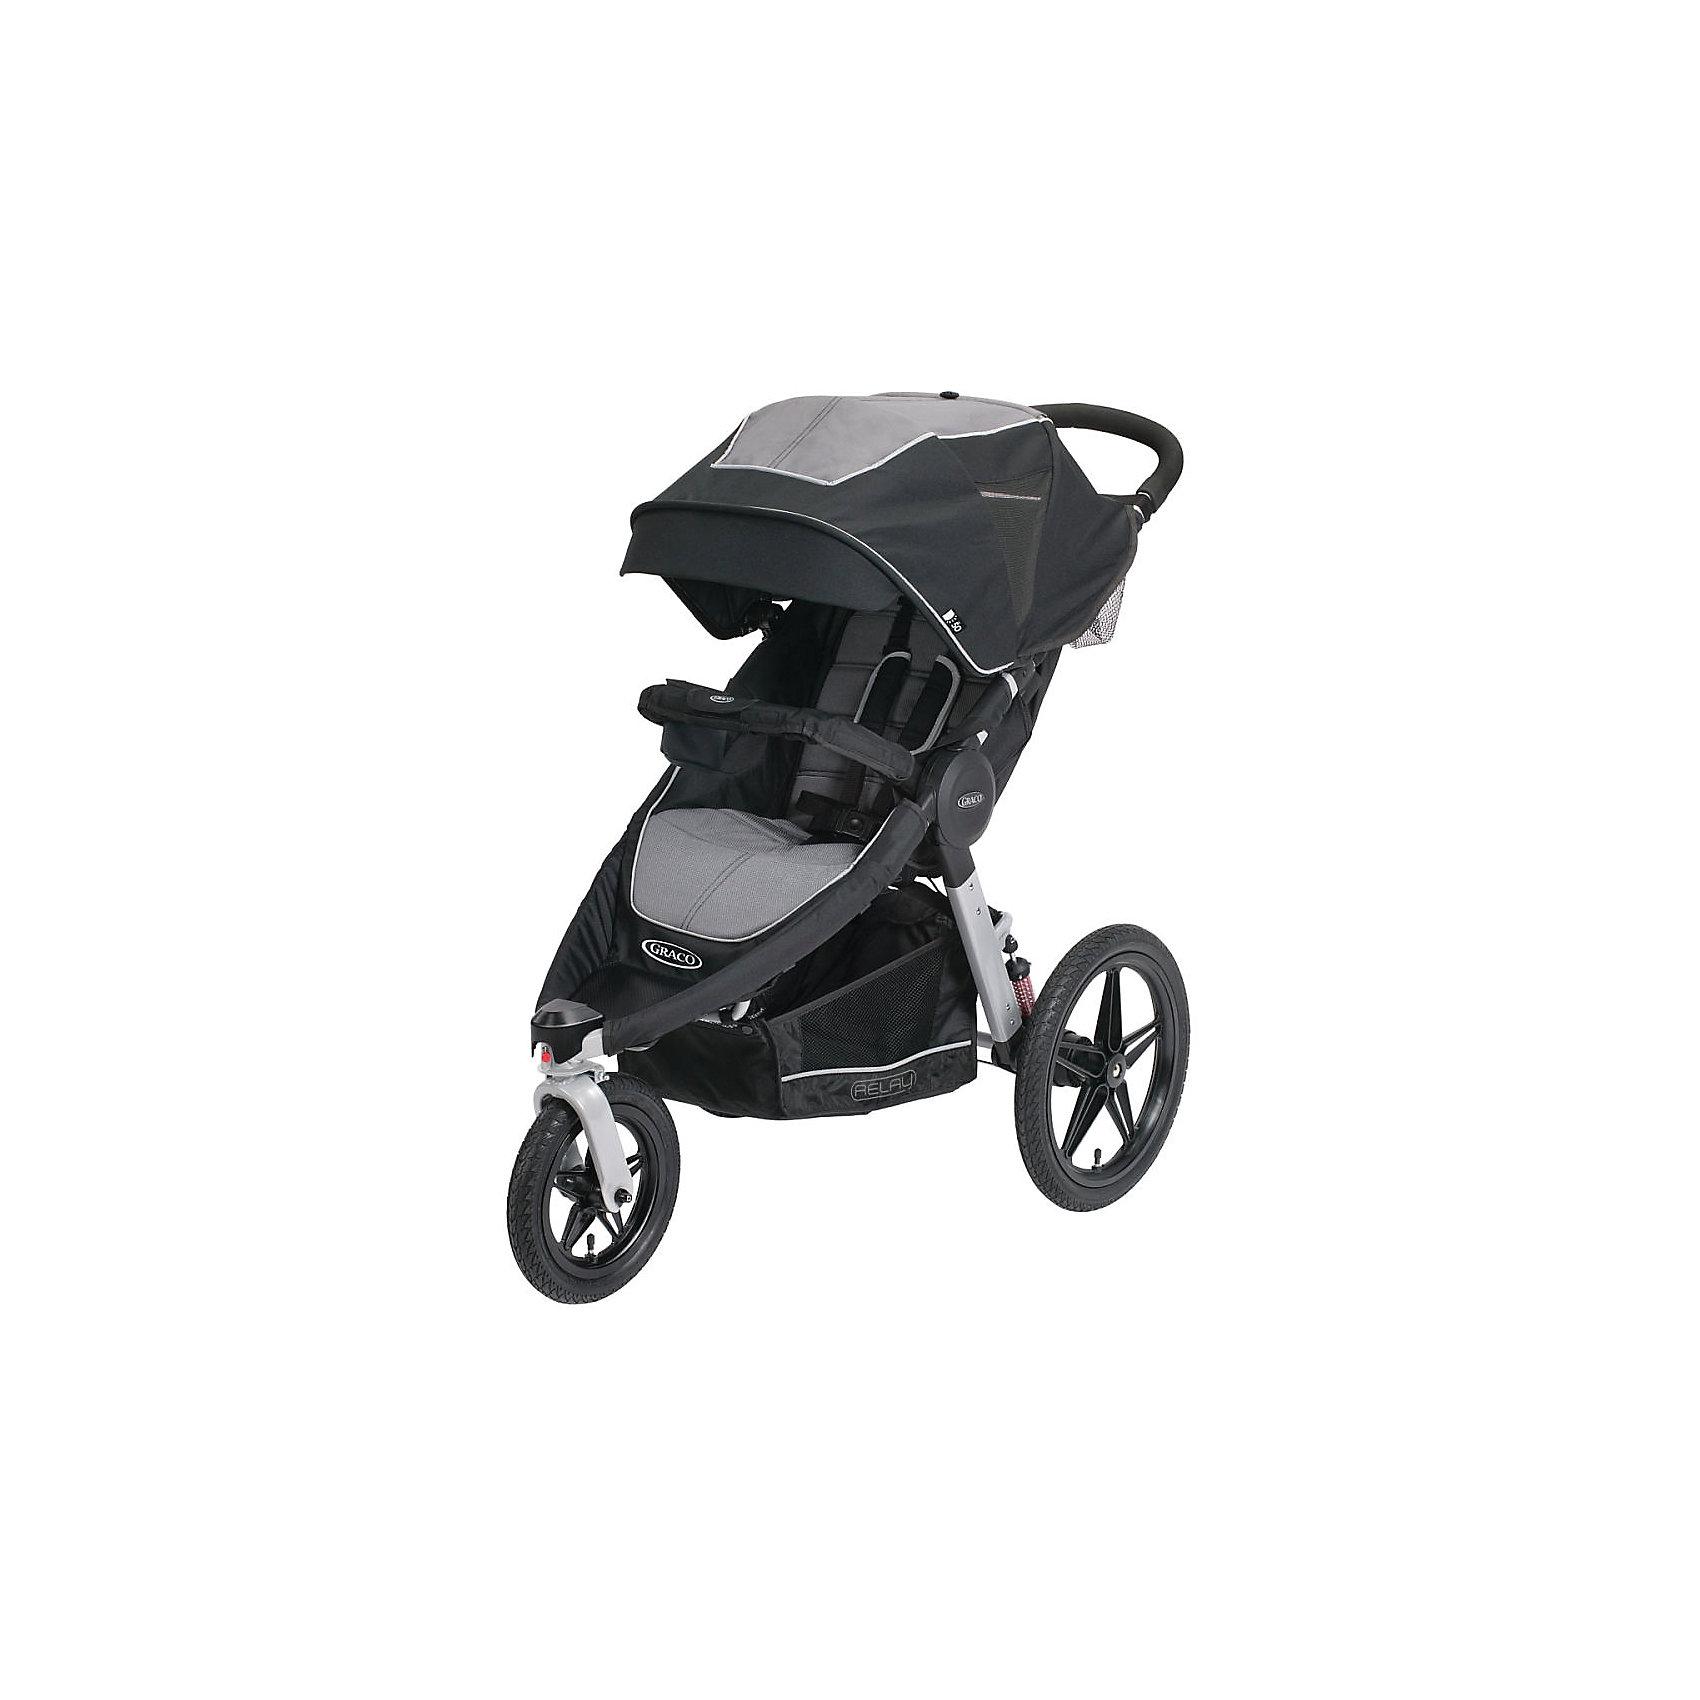 Прогулочная коляска Relay Jogger Panther, Graco, серыйПрогулочные коляски<br>Трёхколёсная детская коляска с комфортным блоком для детей с 6 месяцев и весом до 15 кг (примерно до 3х лет). Идеально подойдёт родителям, ведущим активный образ жизни или проживающих за городом!<br>Большие пневматические колёса и отличная амортизация создают максимально удобное путешествие по городу, в парке или по пересеченной местности!<br>Мульти регулировка спинки, складывание коляски одной рукой книжкой, фиксация переднего поворотного колеса, дождевик в комплекте, просторная сетка для покупок!<br><br>Ширина мм: 500<br>Глубина мм: 455<br>Высота мм: 880<br>Вес г: 16600<br>Возраст от месяцев: 6<br>Возраст до месяцев: 36<br>Пол: Унисекс<br>Возраст: Детский<br>SKU: 6757390